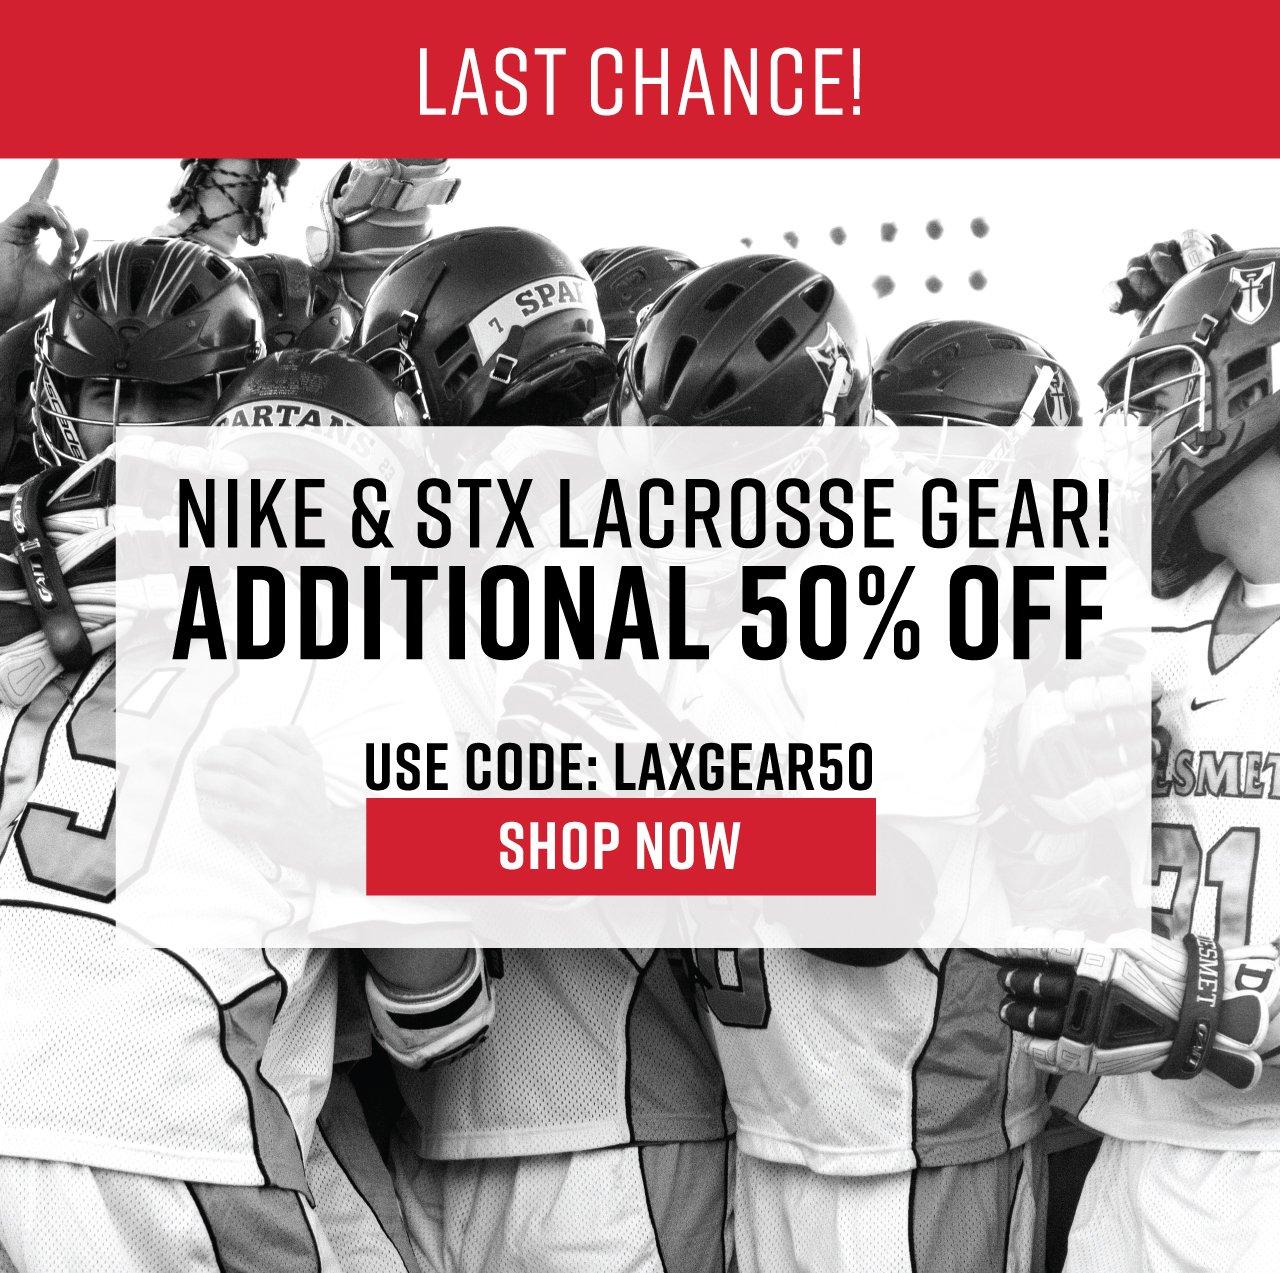 Nike & STX Lacrosse Gear! Additional 50% Off